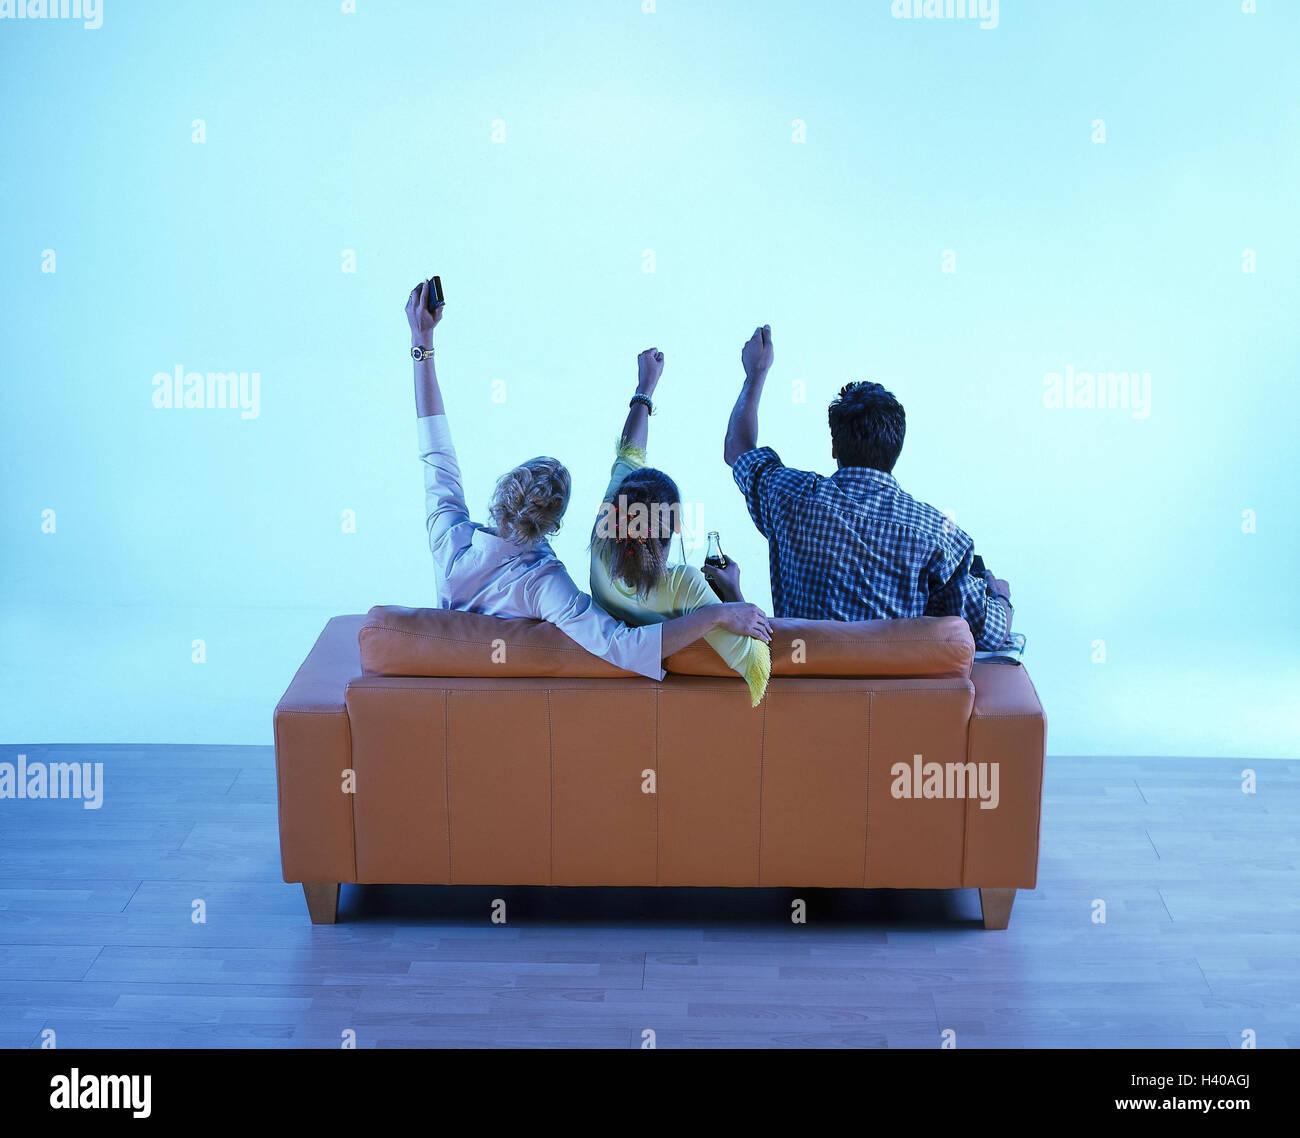 canap t l vision la famille l 39 enthousiasme vue de dos. Black Bedroom Furniture Sets. Home Design Ideas